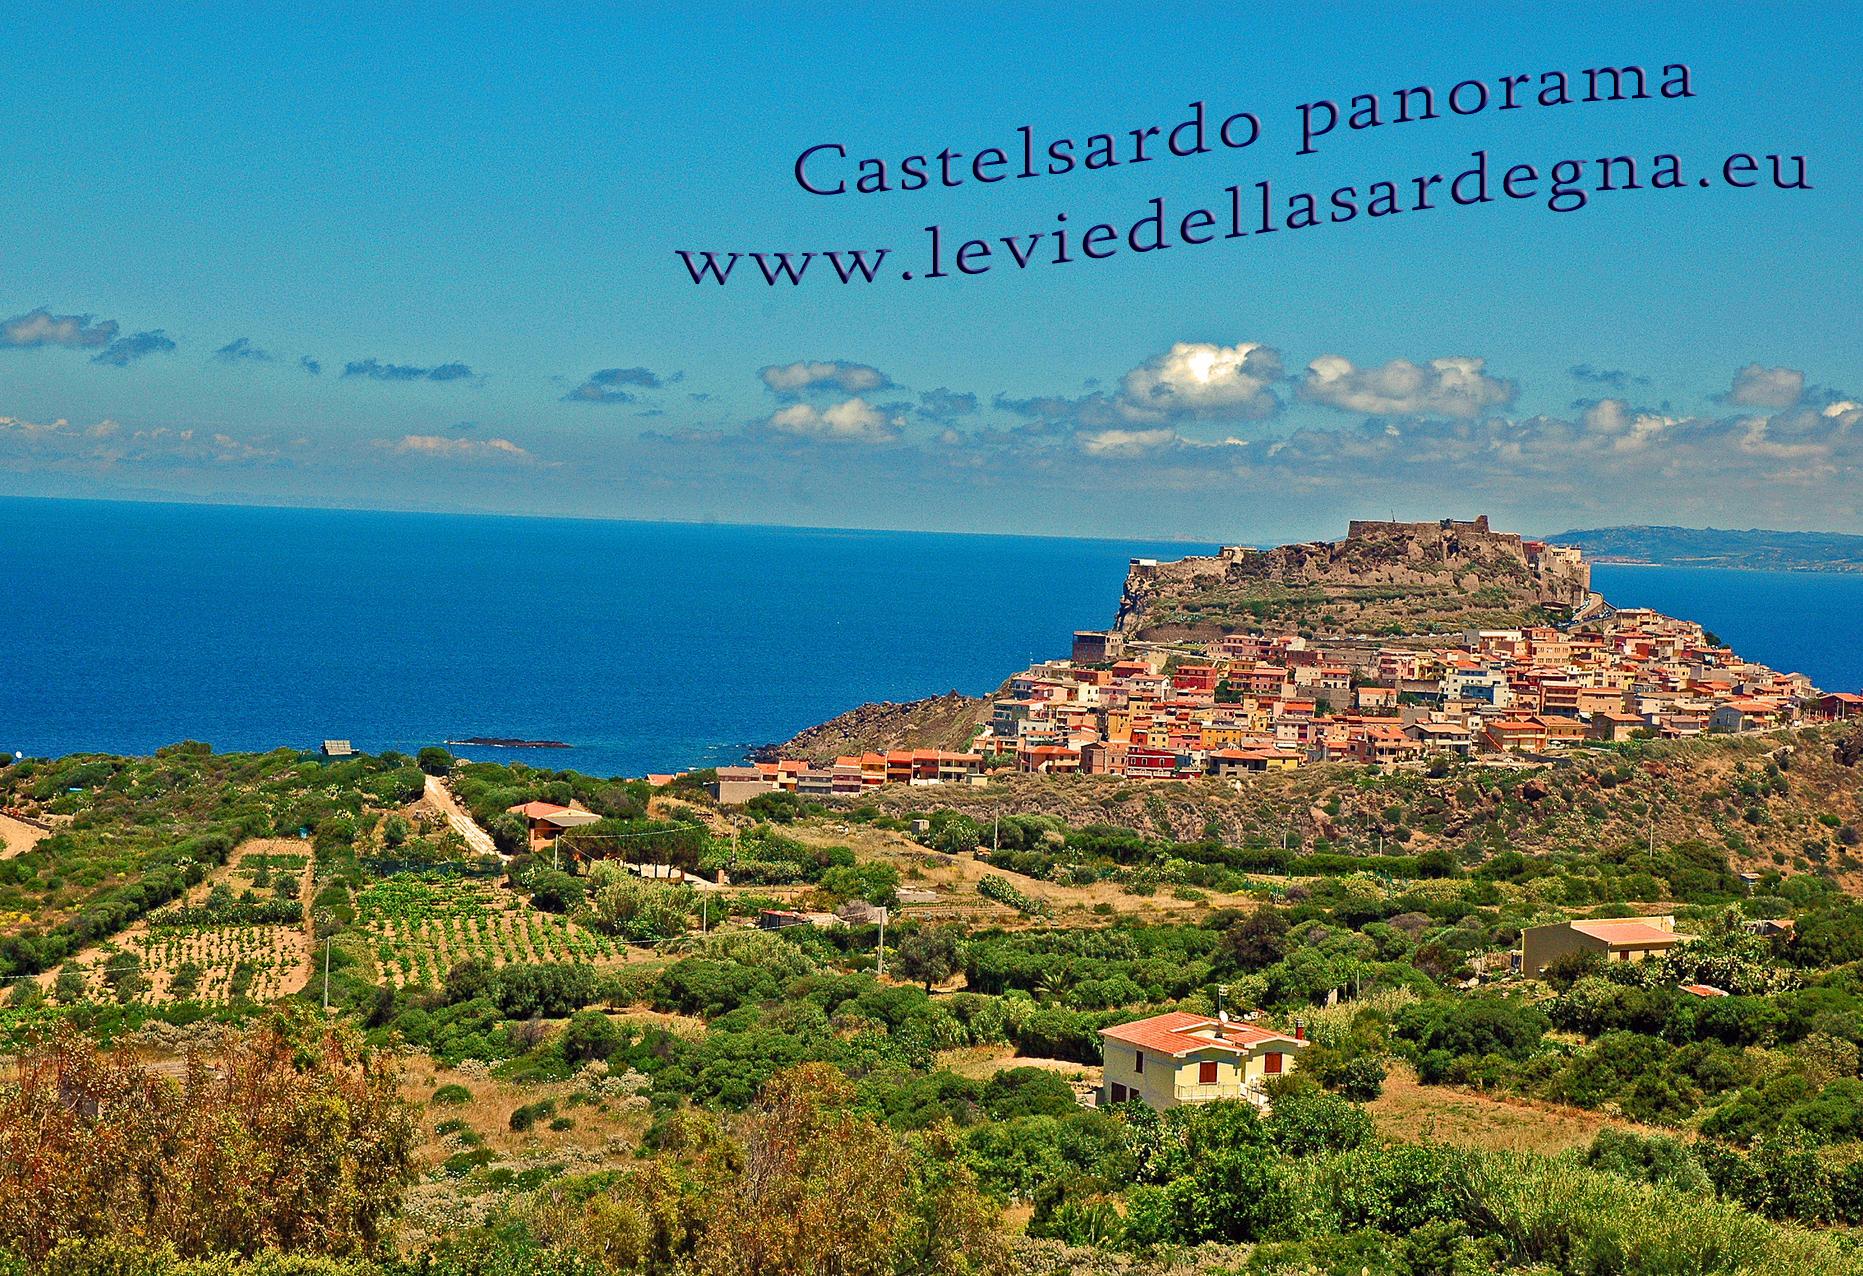 Castelsardo informazioni turistiche e curiosità dal Portale Le Vie della Sardegna